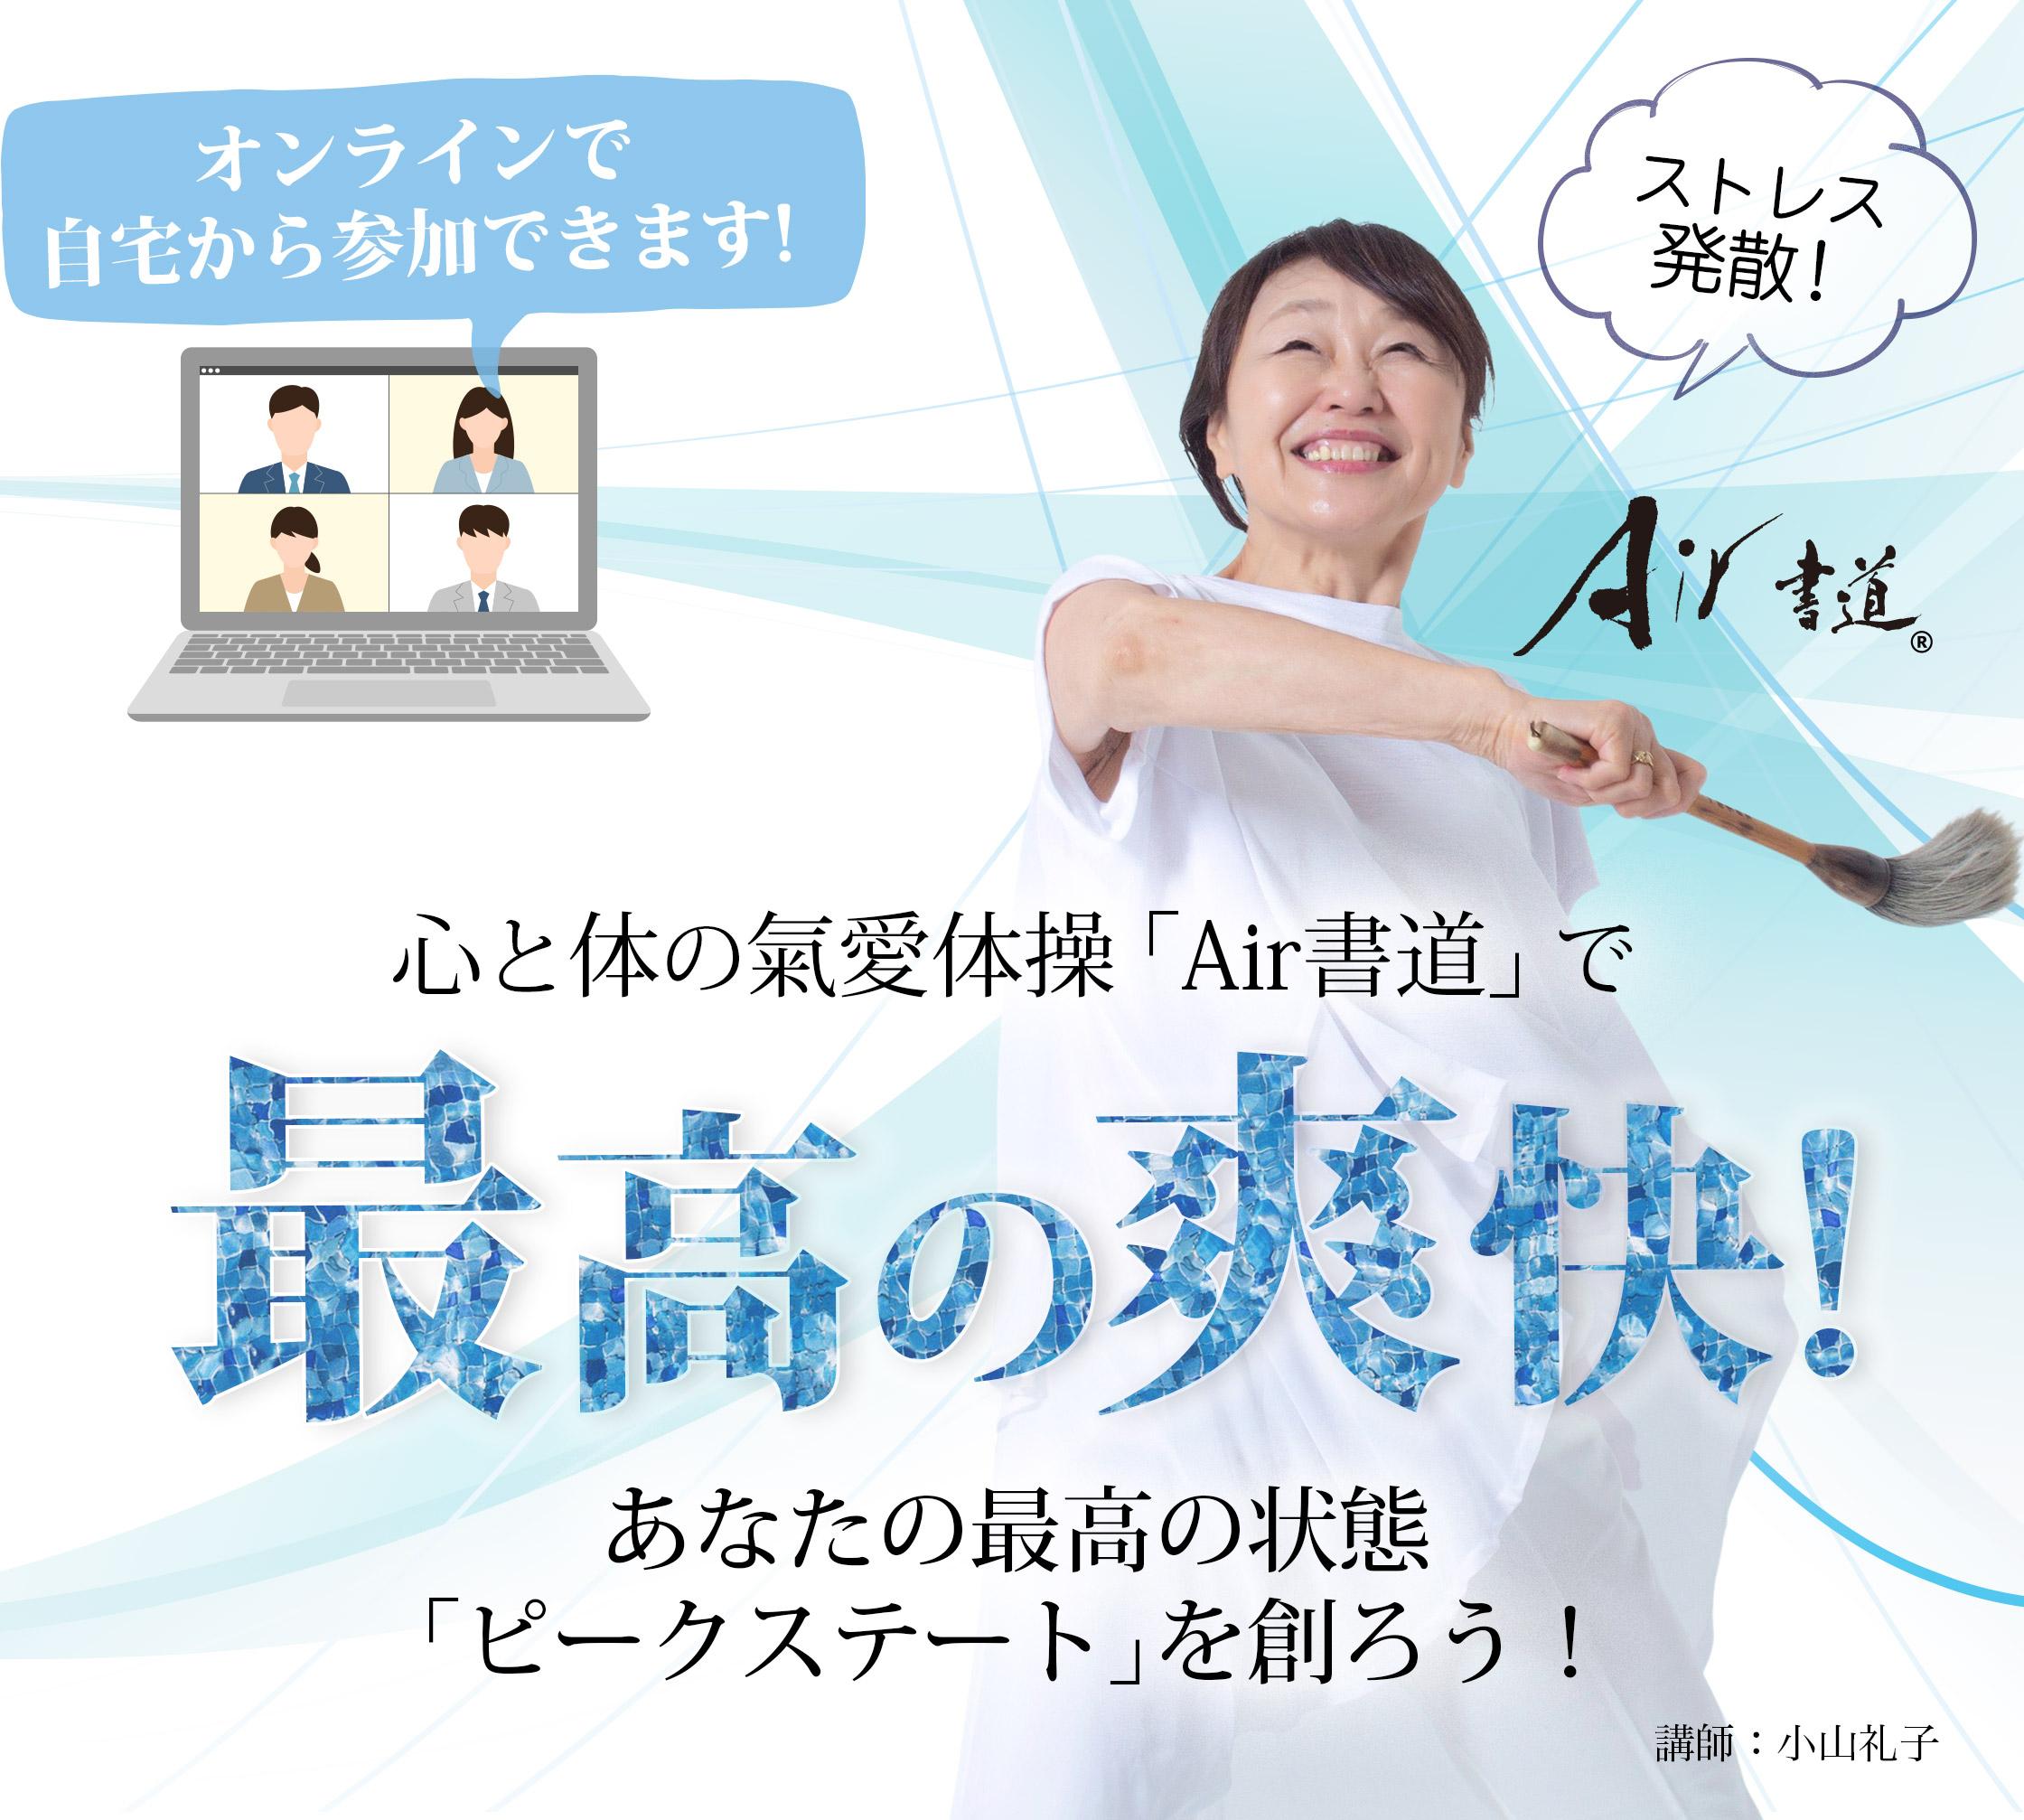 最高の爽快Air書道 ピークステートを創ろう!